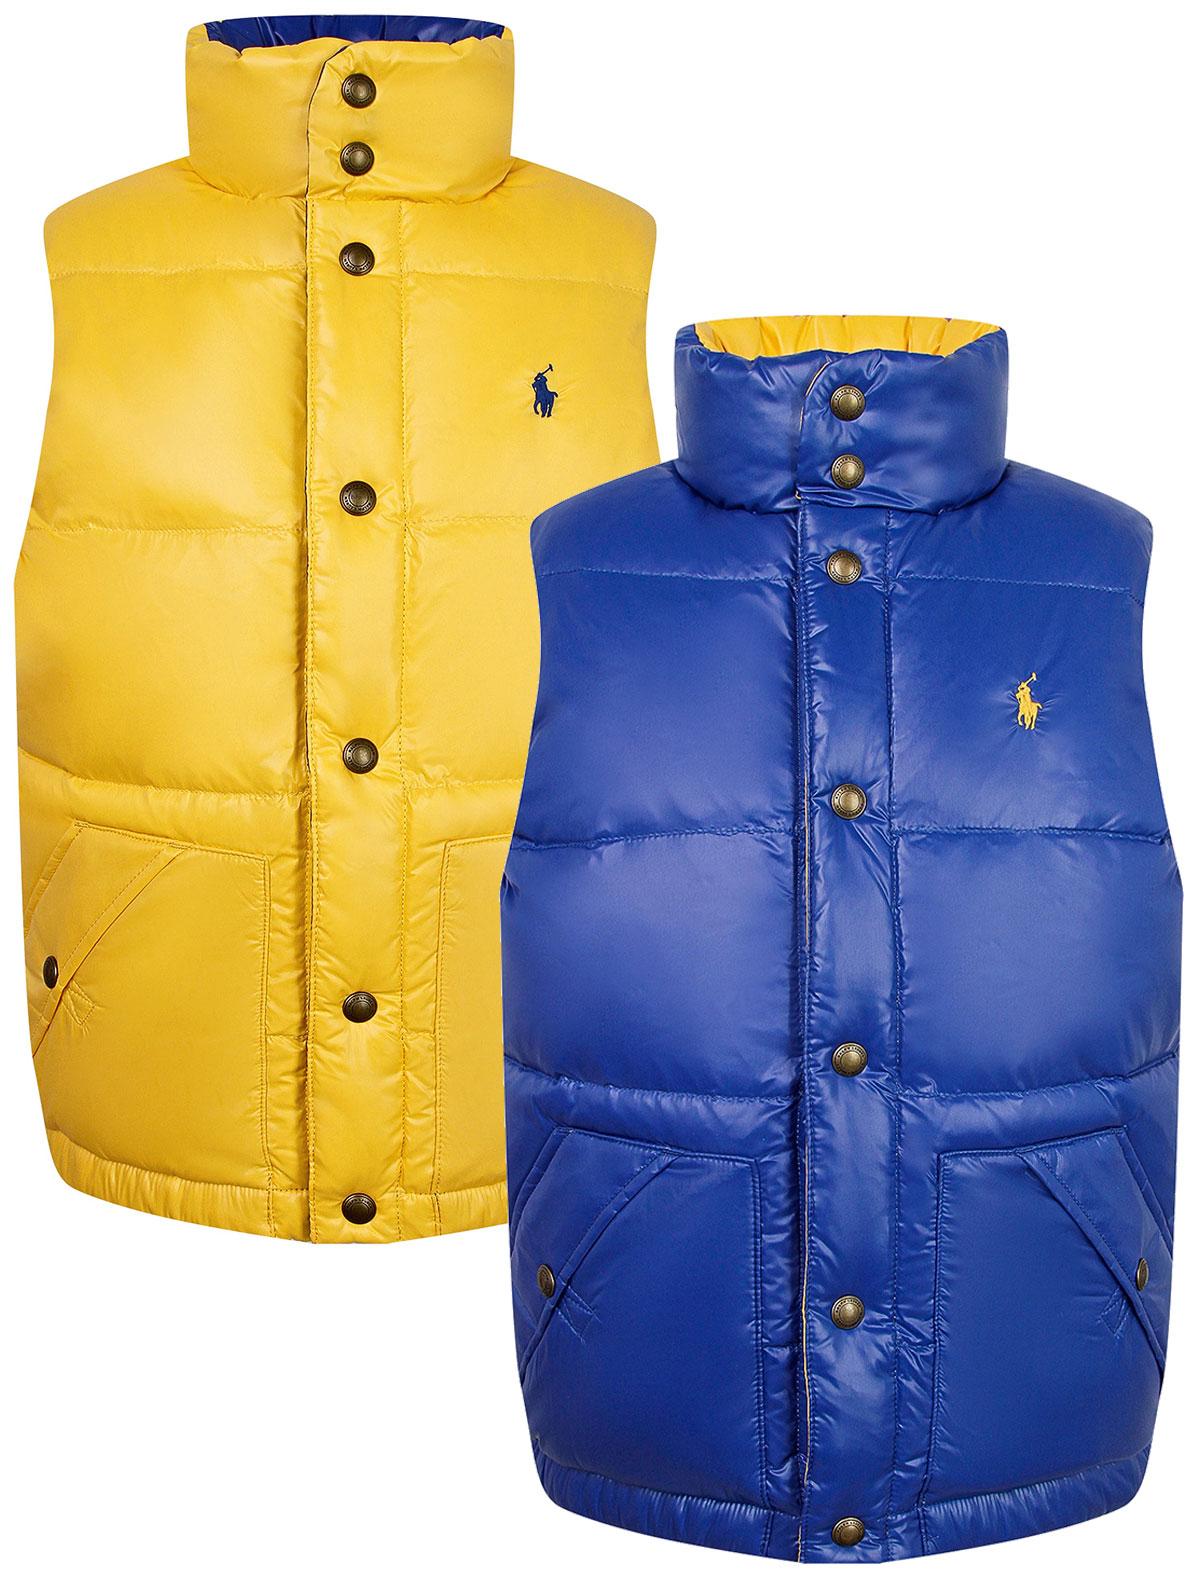 Купить 2236250, Жилет утепленный Ralph Lauren, синий, Мужской, 4184519080763